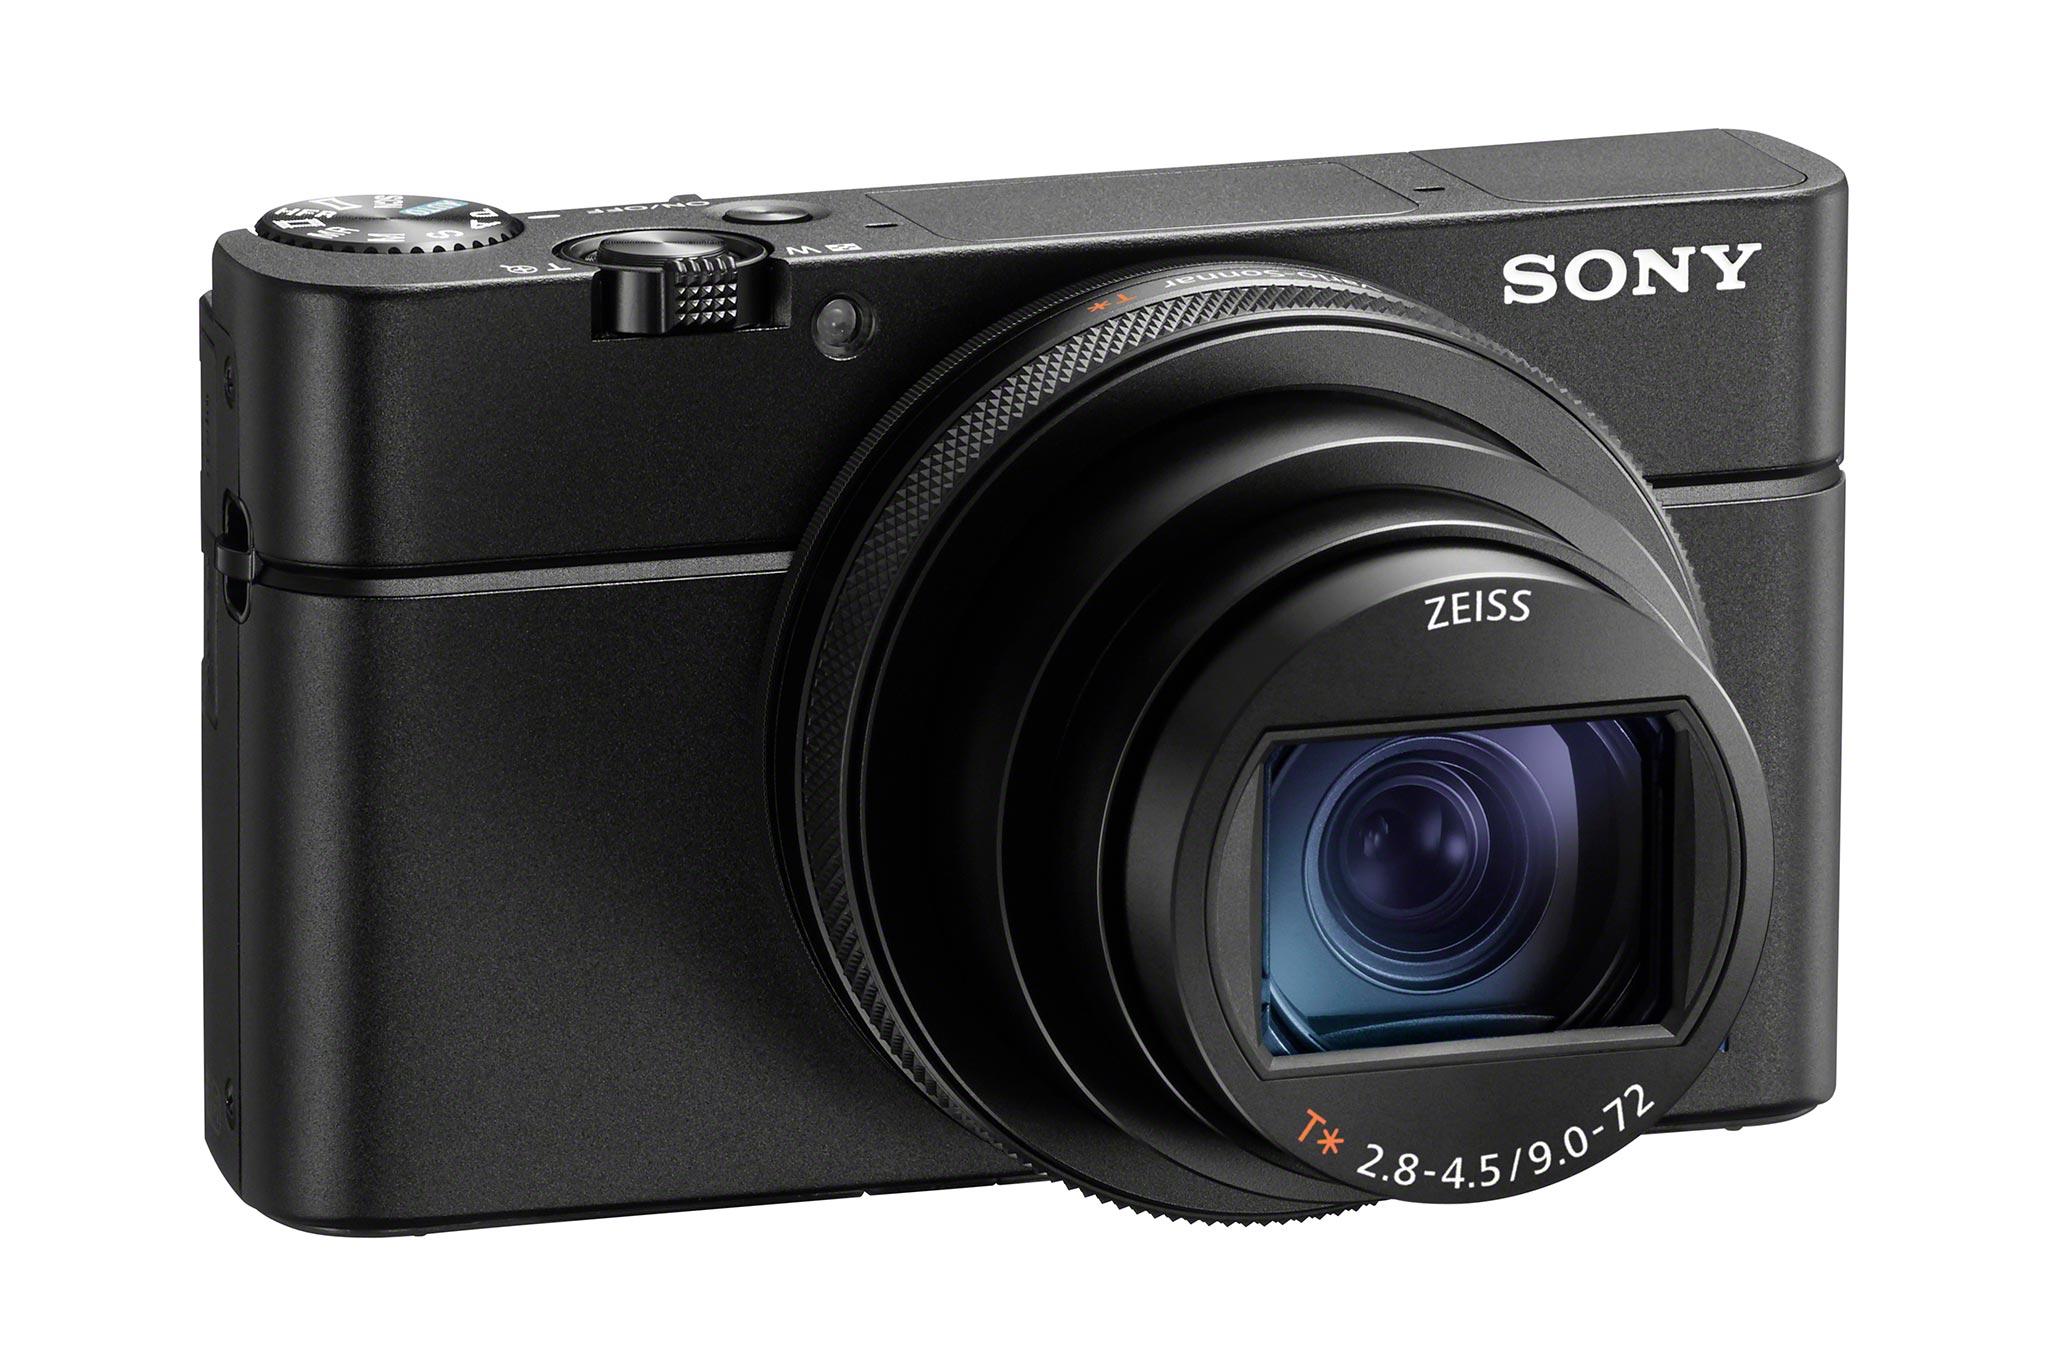 Sony_RX100_VI_tinhte_1.jpg